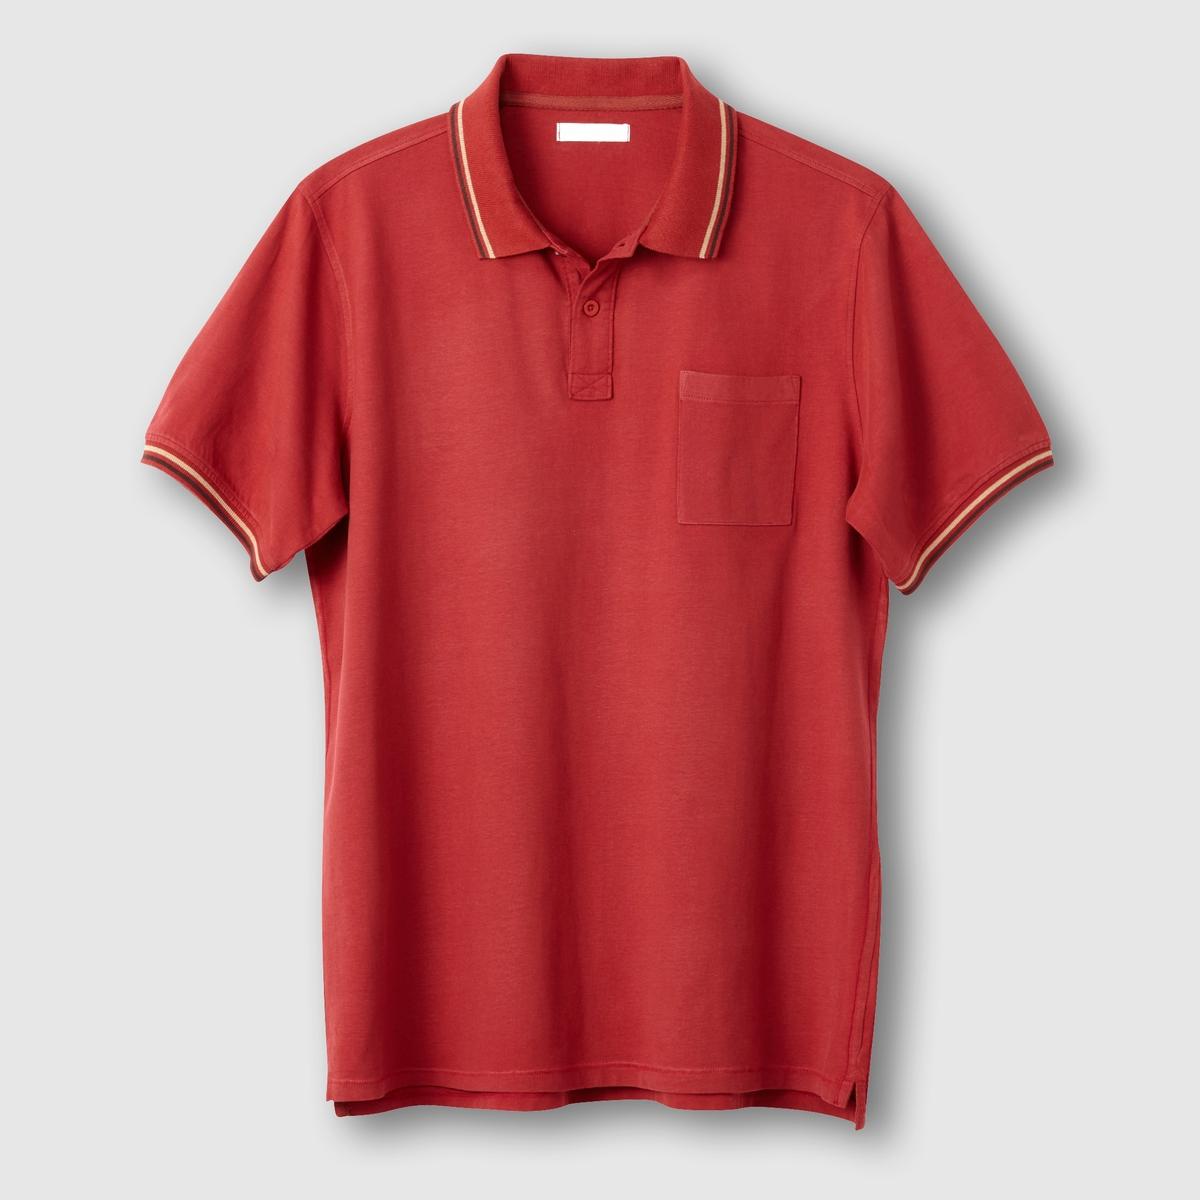 Поло из джерси, 100% хлопка. Короткие рукаваОбратите внимание, что бренд Taillissime создан для высоких, крупных мужчин с тенденцией к полноте. Чтобы узнать подходящий вам размер, сверьтесь с таблицей больших размеров на сайте.<br><br>Цвет: красный малиновый<br>Размер: 82/84